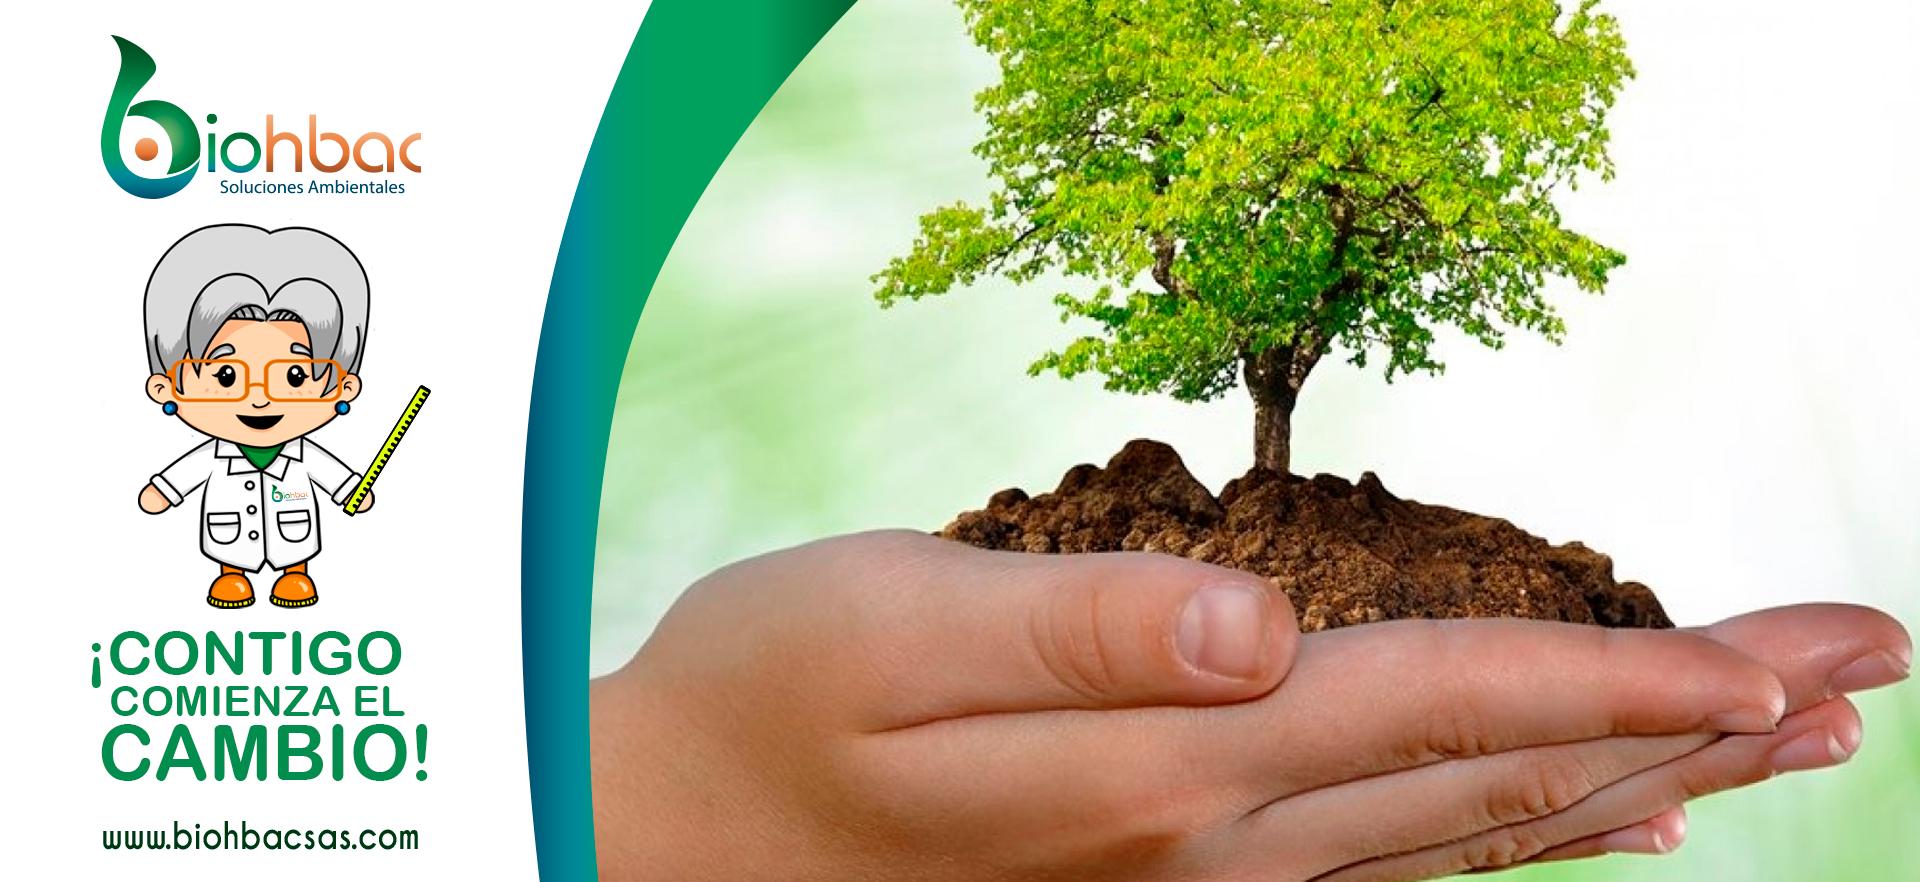 10 consejos prácticos para cuidar el medio ambiente y ahorrar dinero